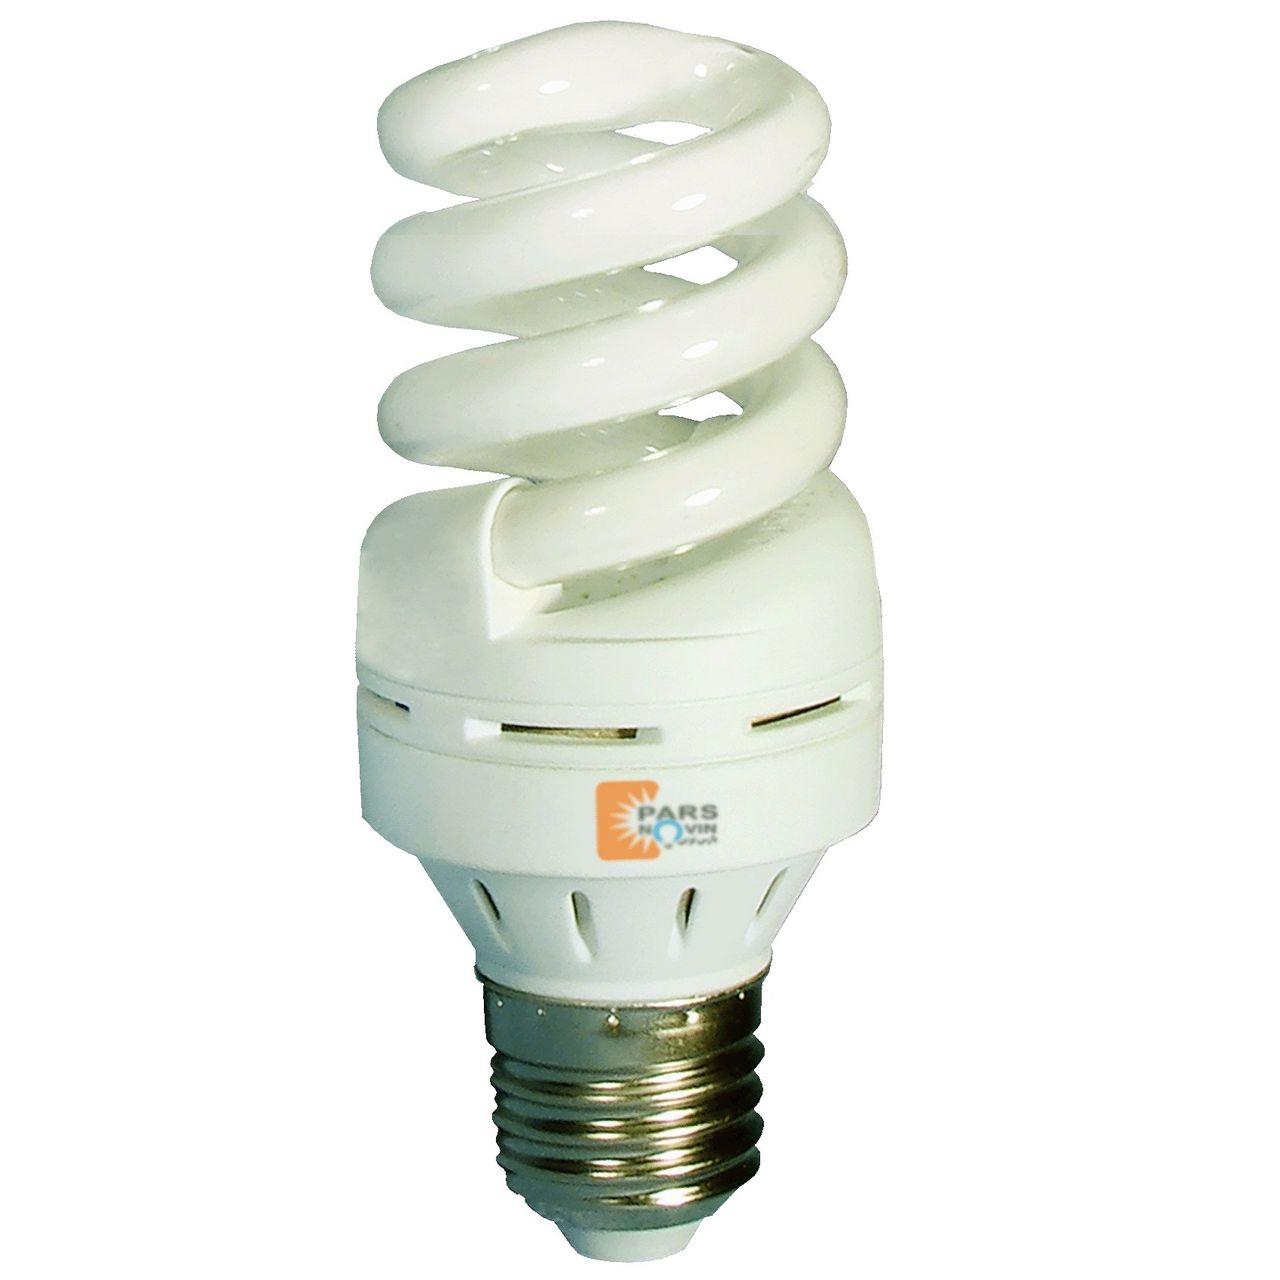 لامپ کم مصرف 13 وات پارس نوین مدل P-C-13 پایه E27